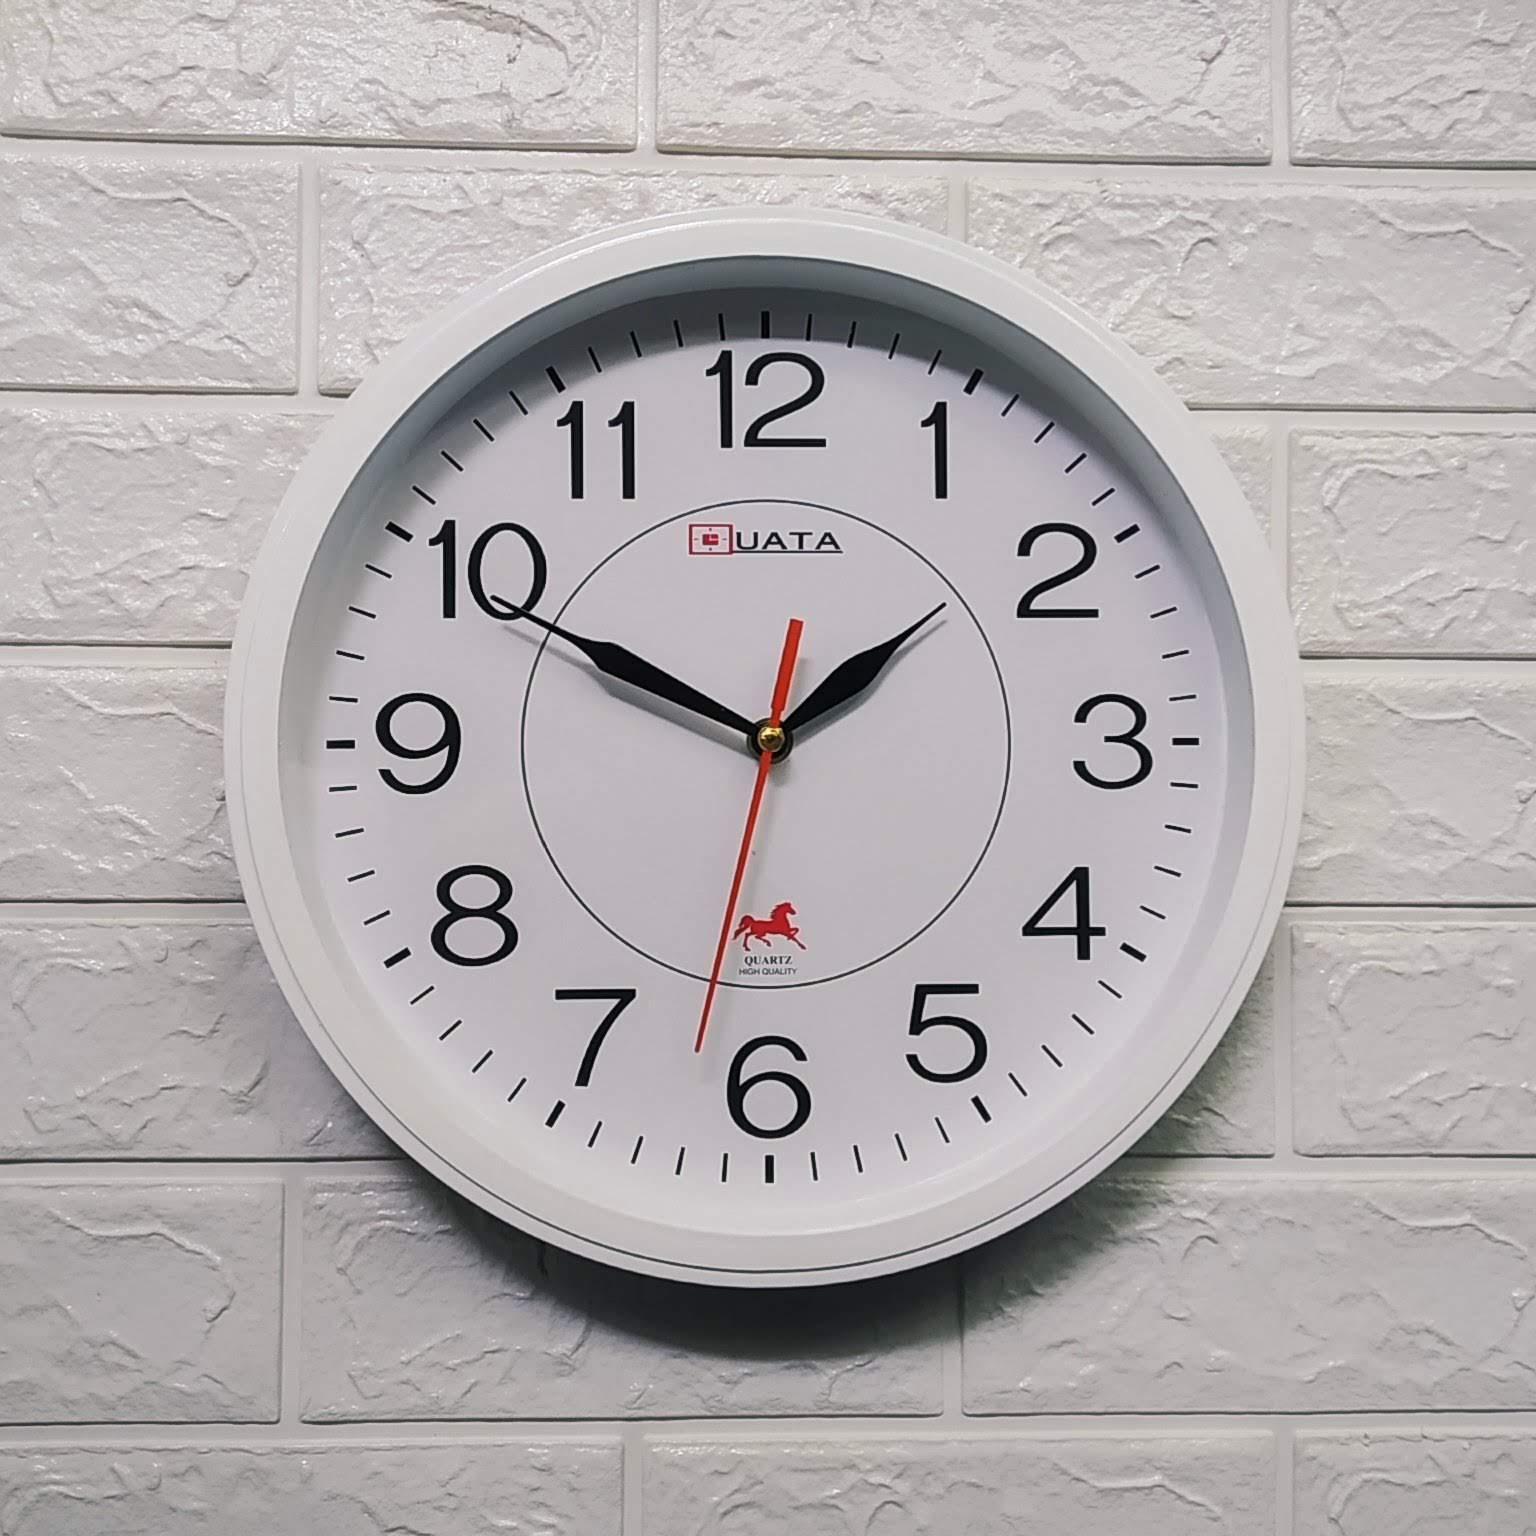 Nơi bán Kim trôi - Đồng hồ treo tường hình tròn viền trăng - Size 30cm -  Đồng hồ treo tường kim trôi